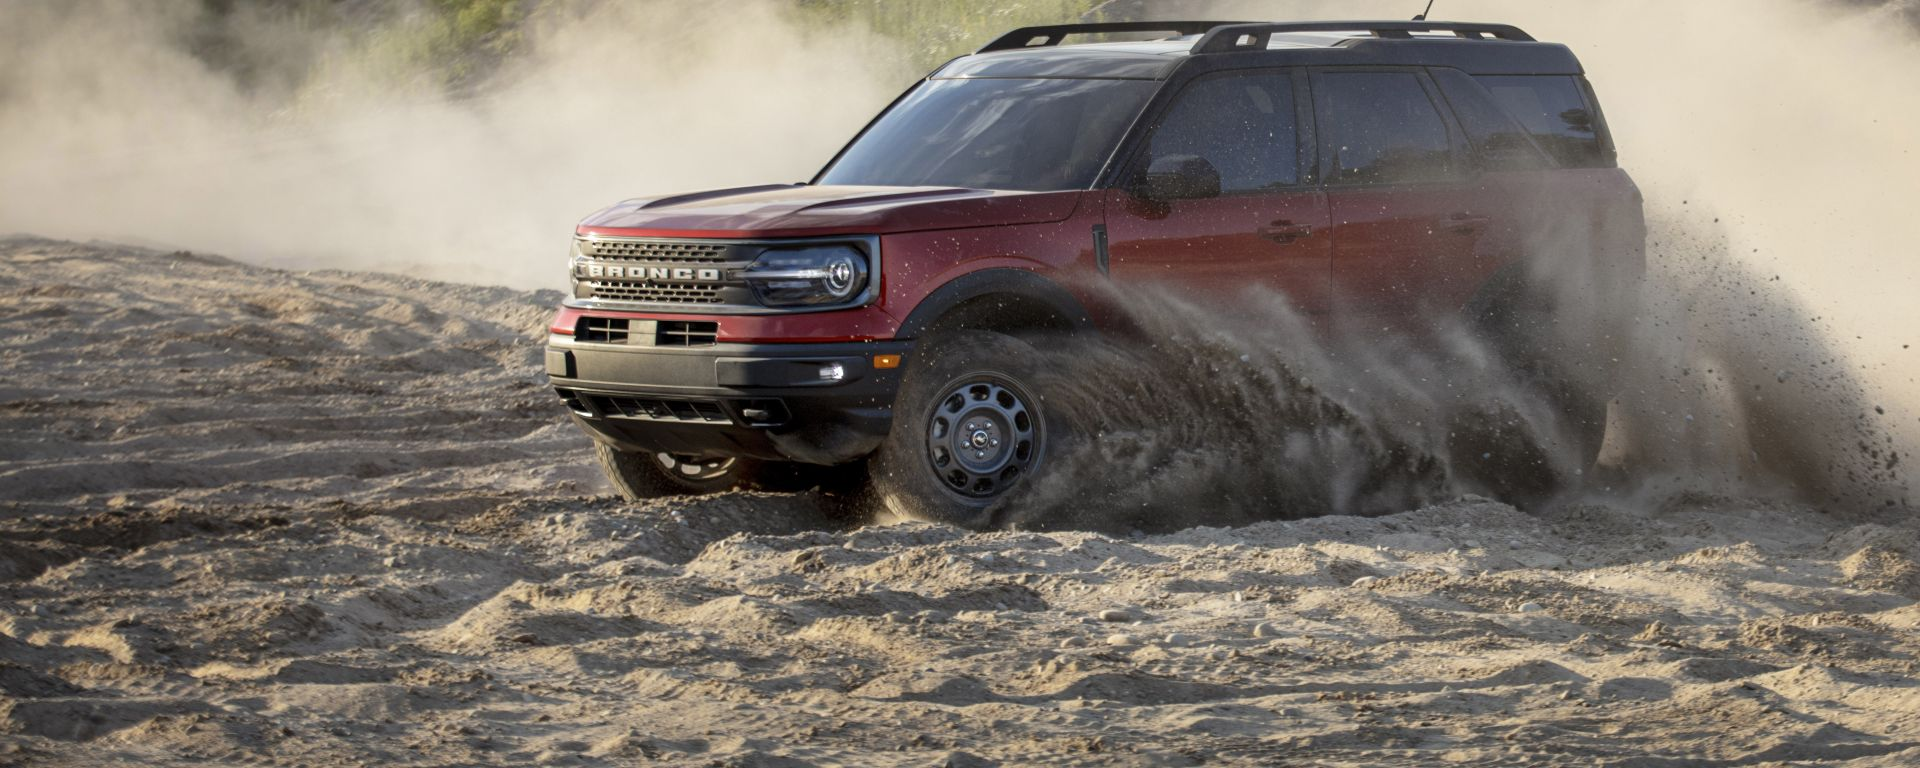 Ford Bronco Sport, SUV compatto che studia da fuoristrada